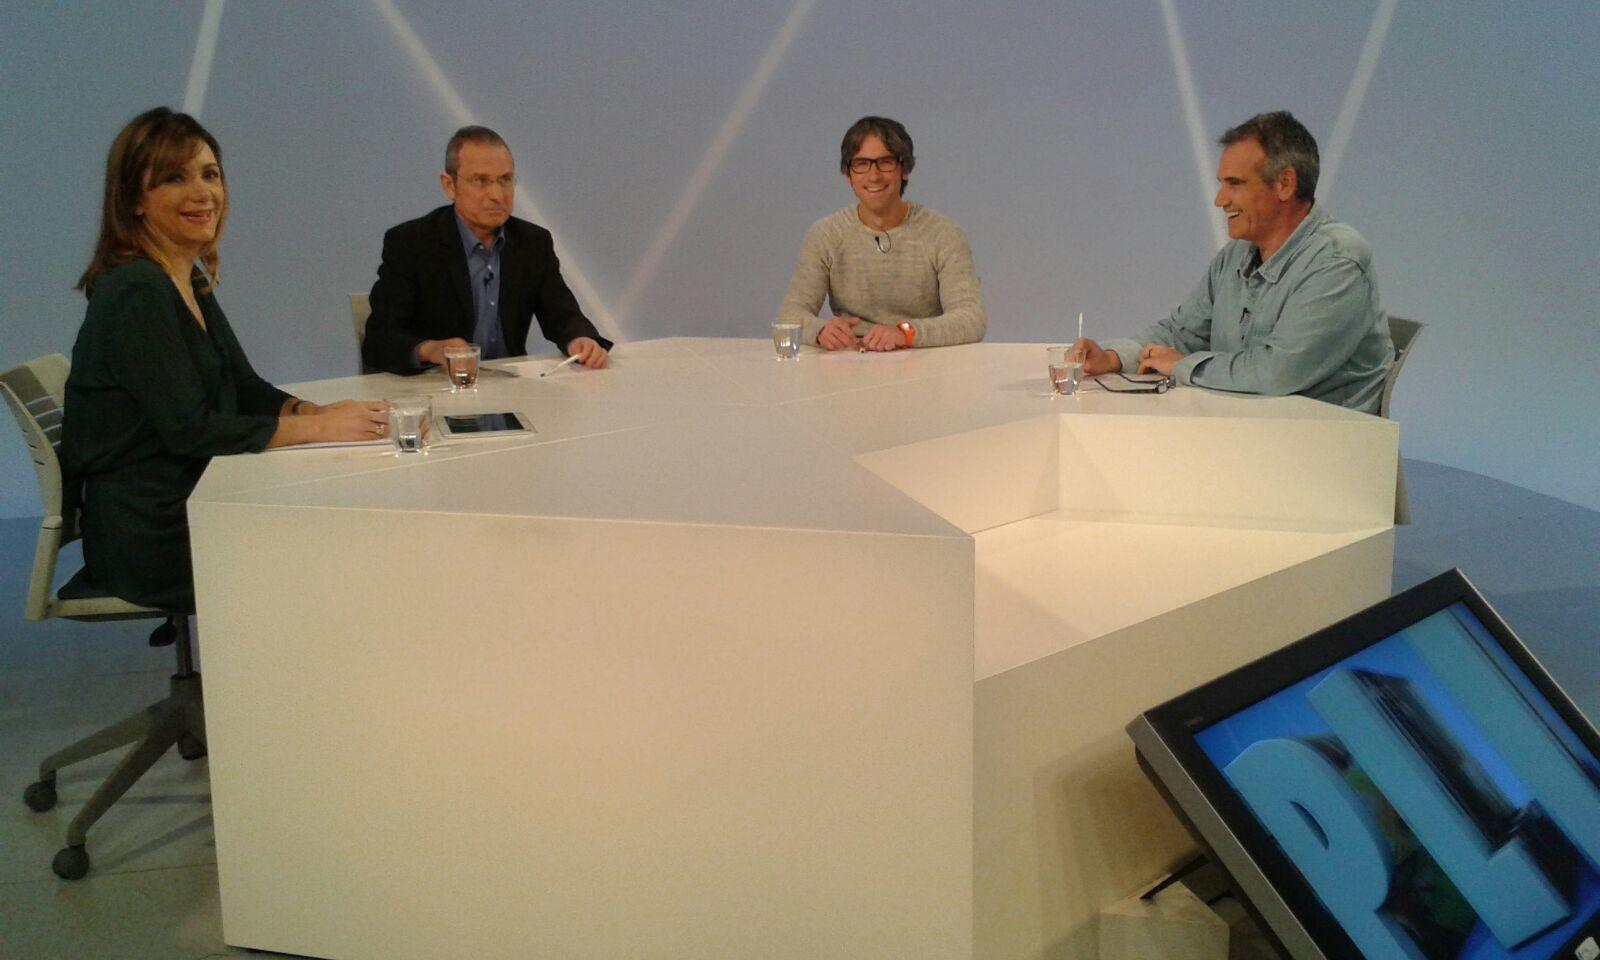 Tertúlia amb els periodistes Ignasi de Planell, Enric Guinart i Albert Roig